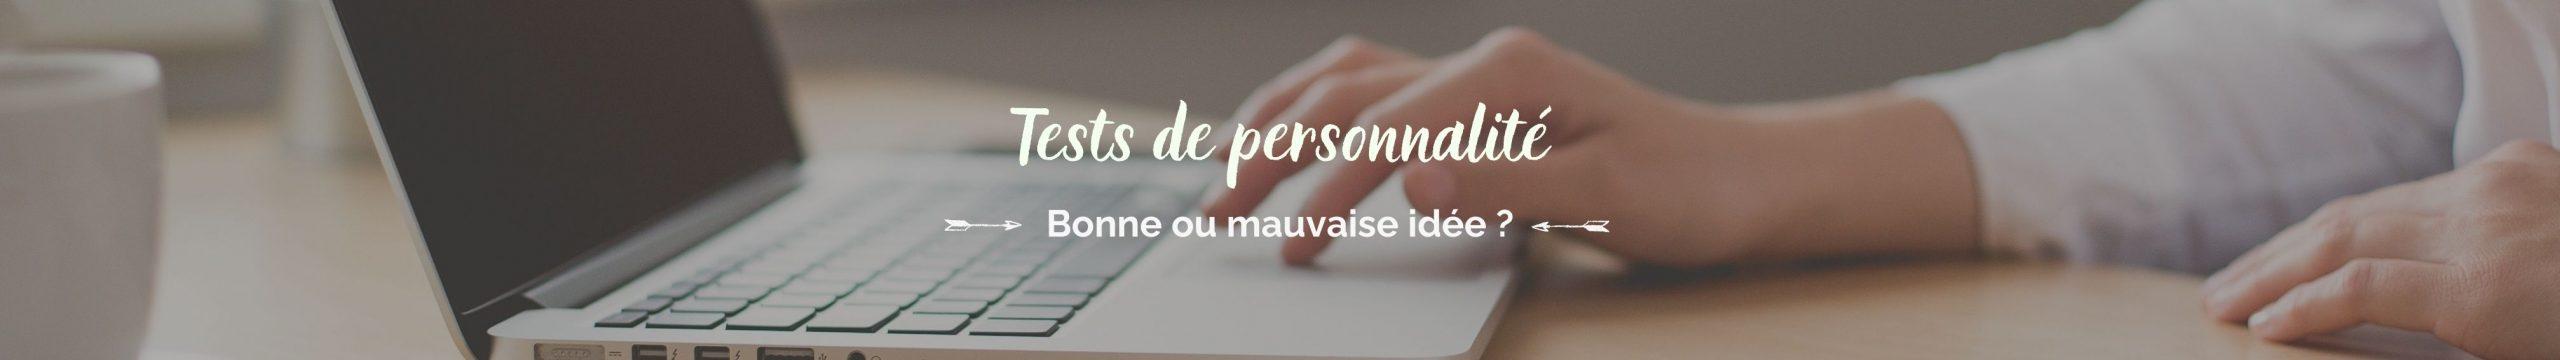 Tests de personnalité : bonne ou mauvaise idée